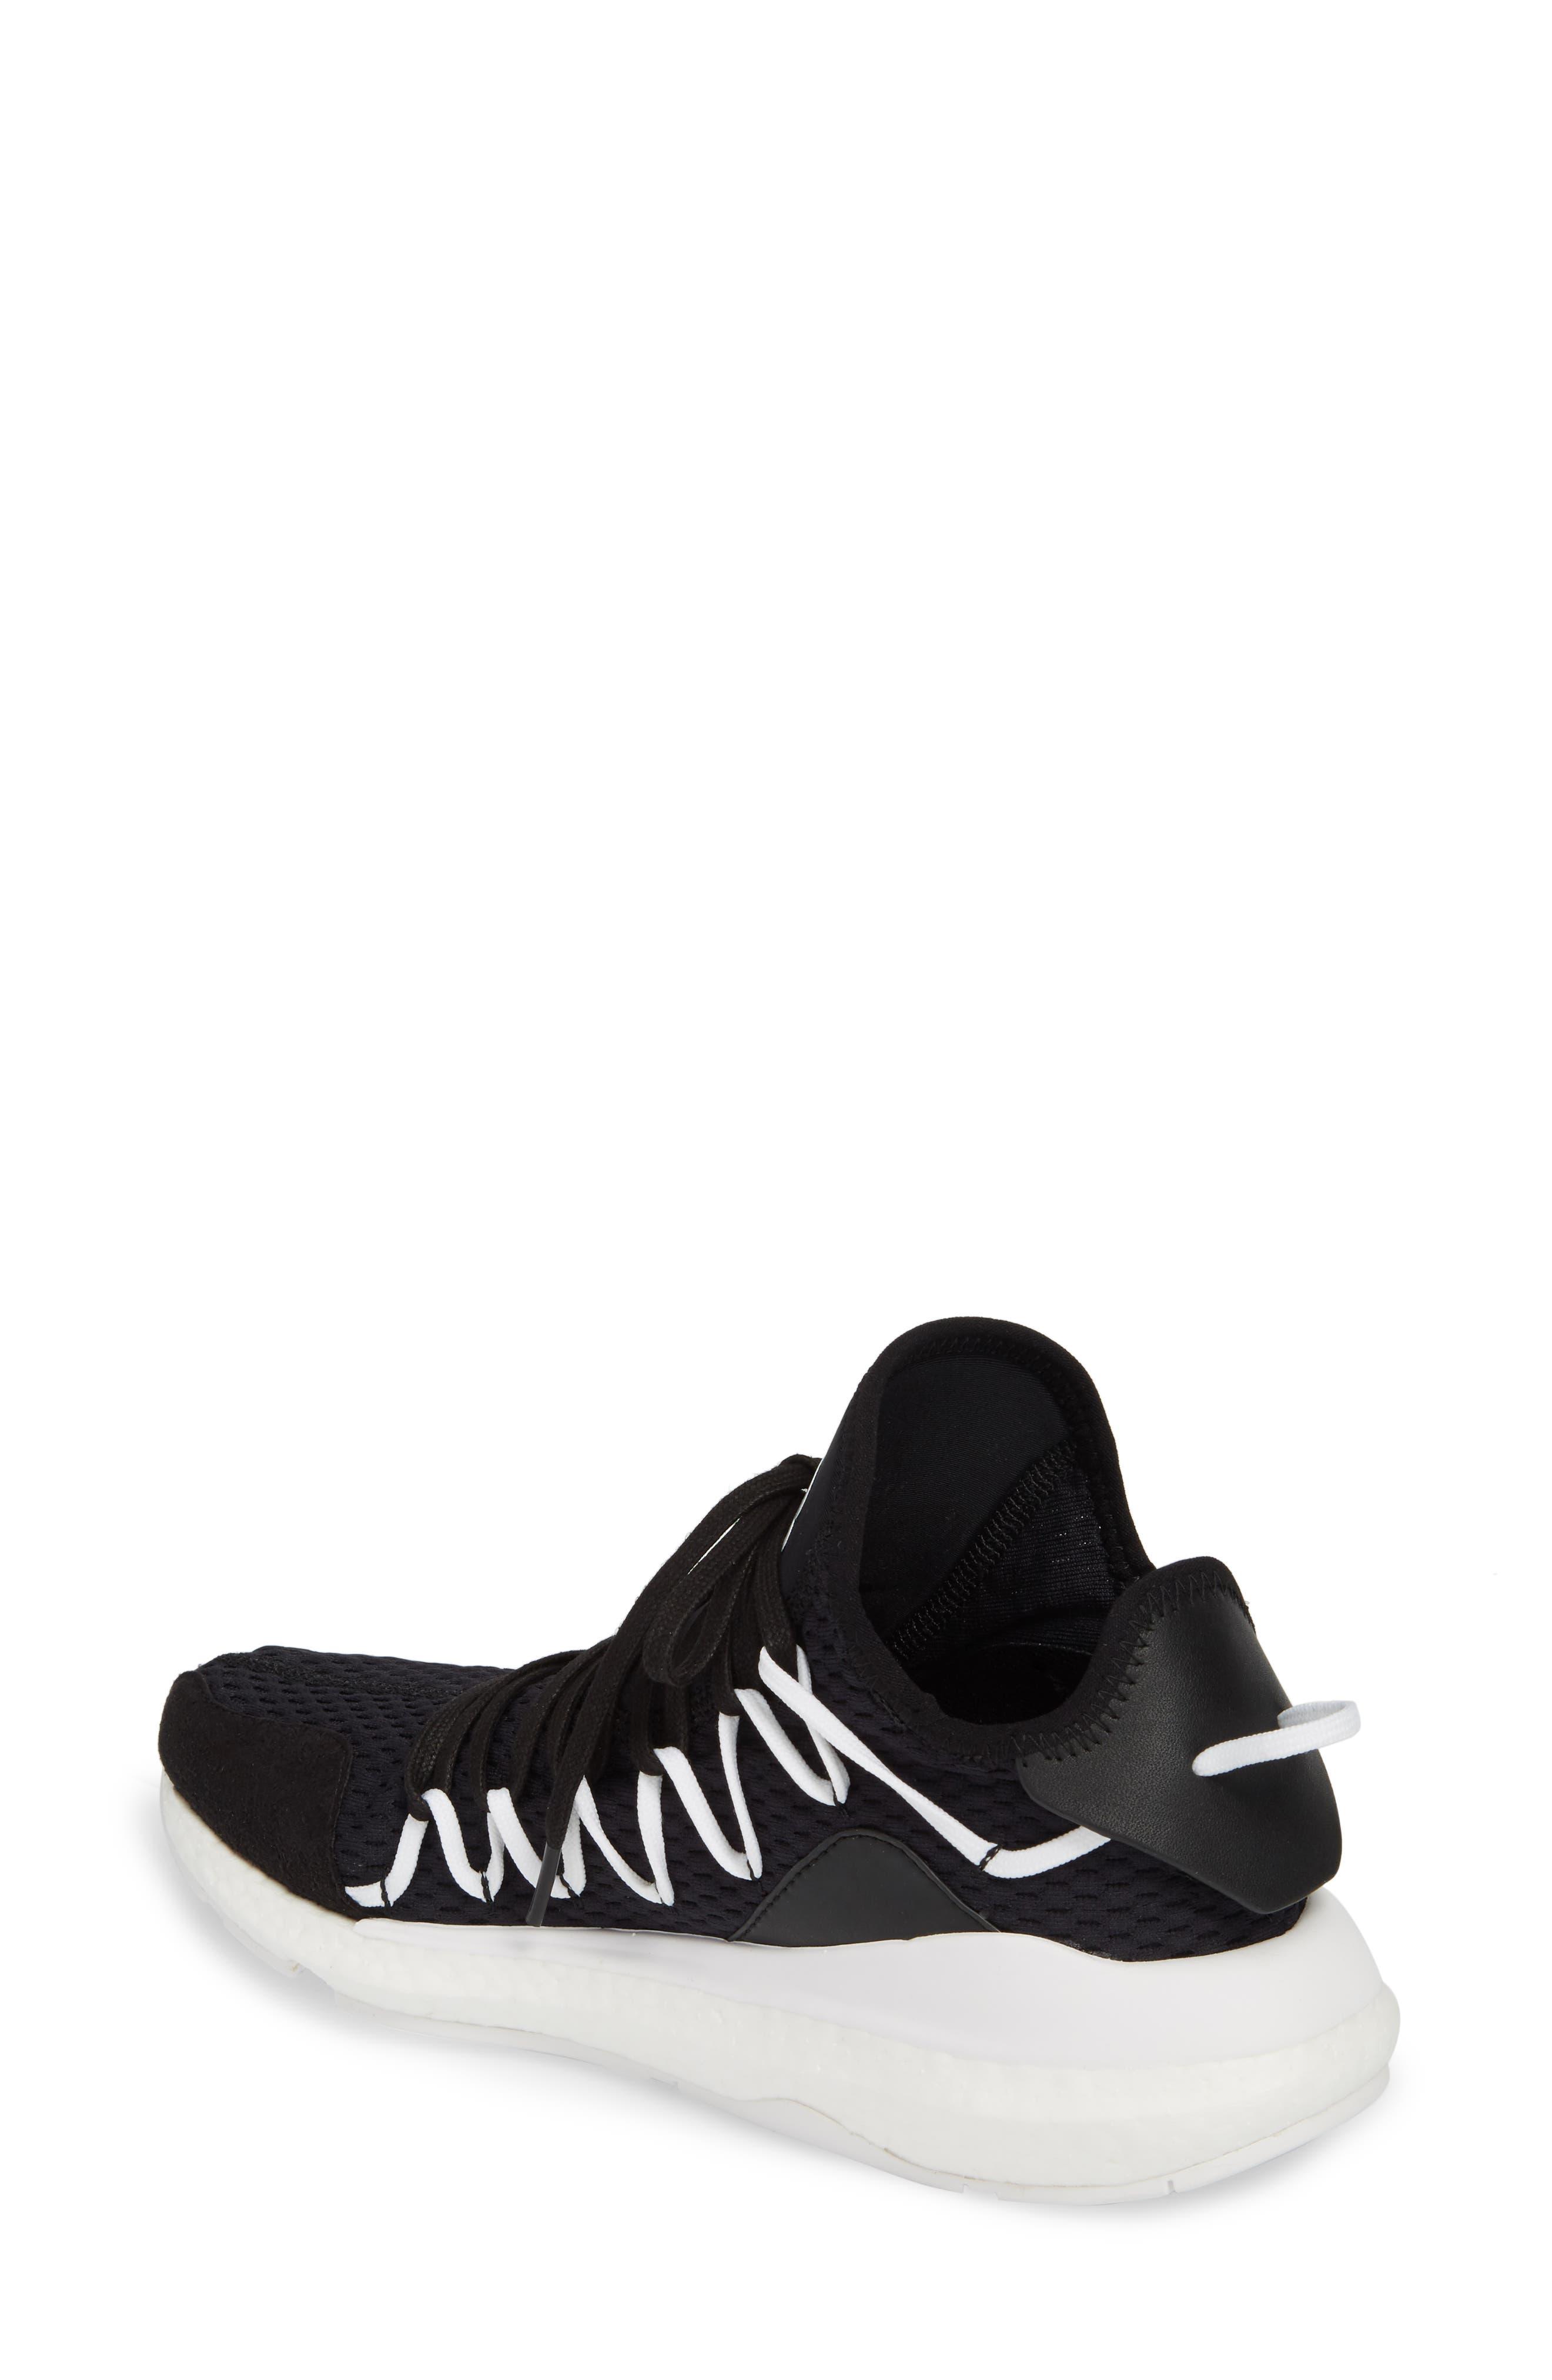 x adidas Kusari Sneaker,                             Alternate thumbnail 2, color,                             Black